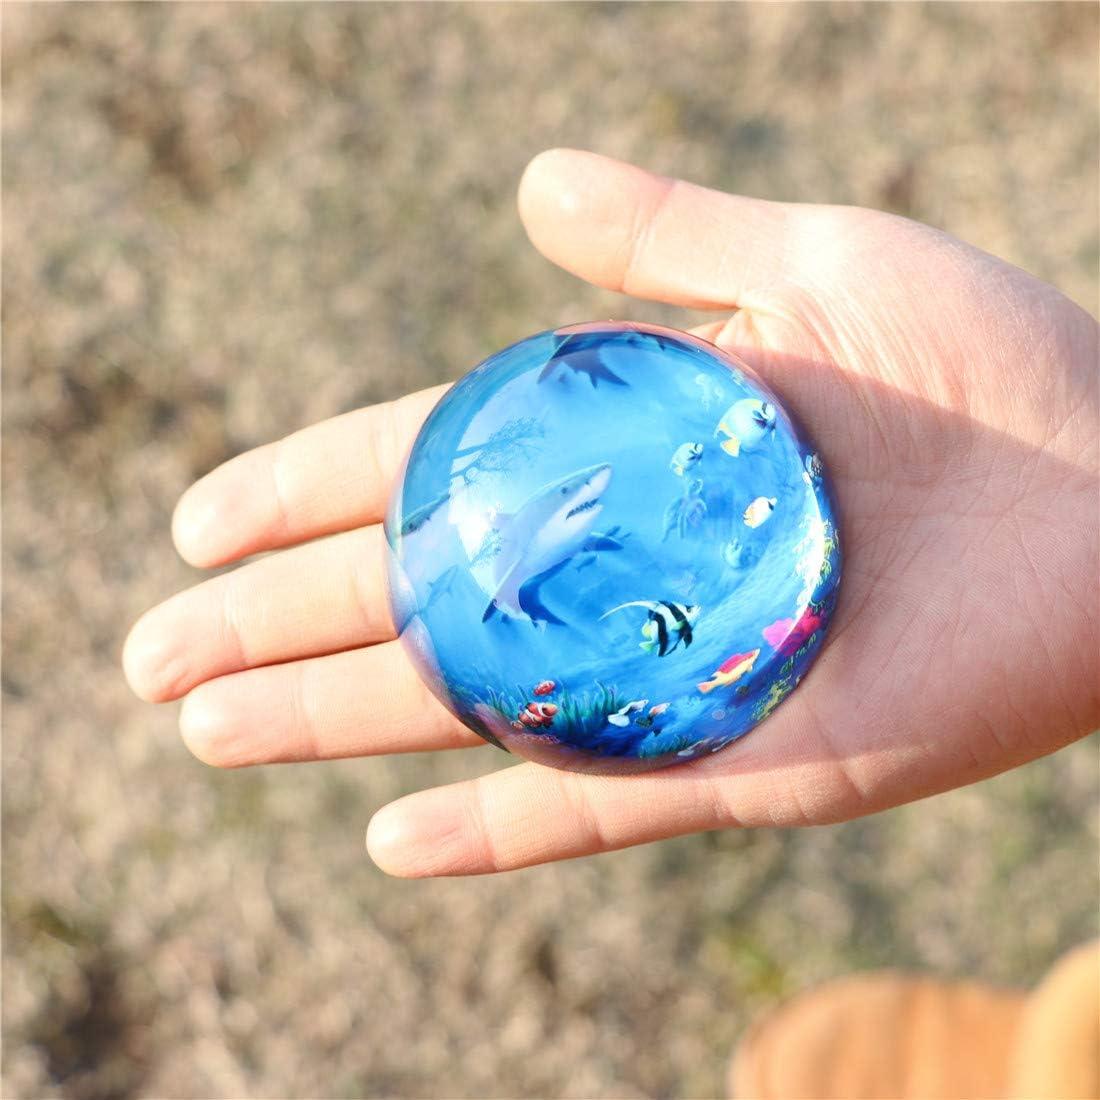 Halbkugel Presse Kreative Dekoration B/ürobedarf HANUR Crystal Underwater World Briefbeschwerer Glaskugel